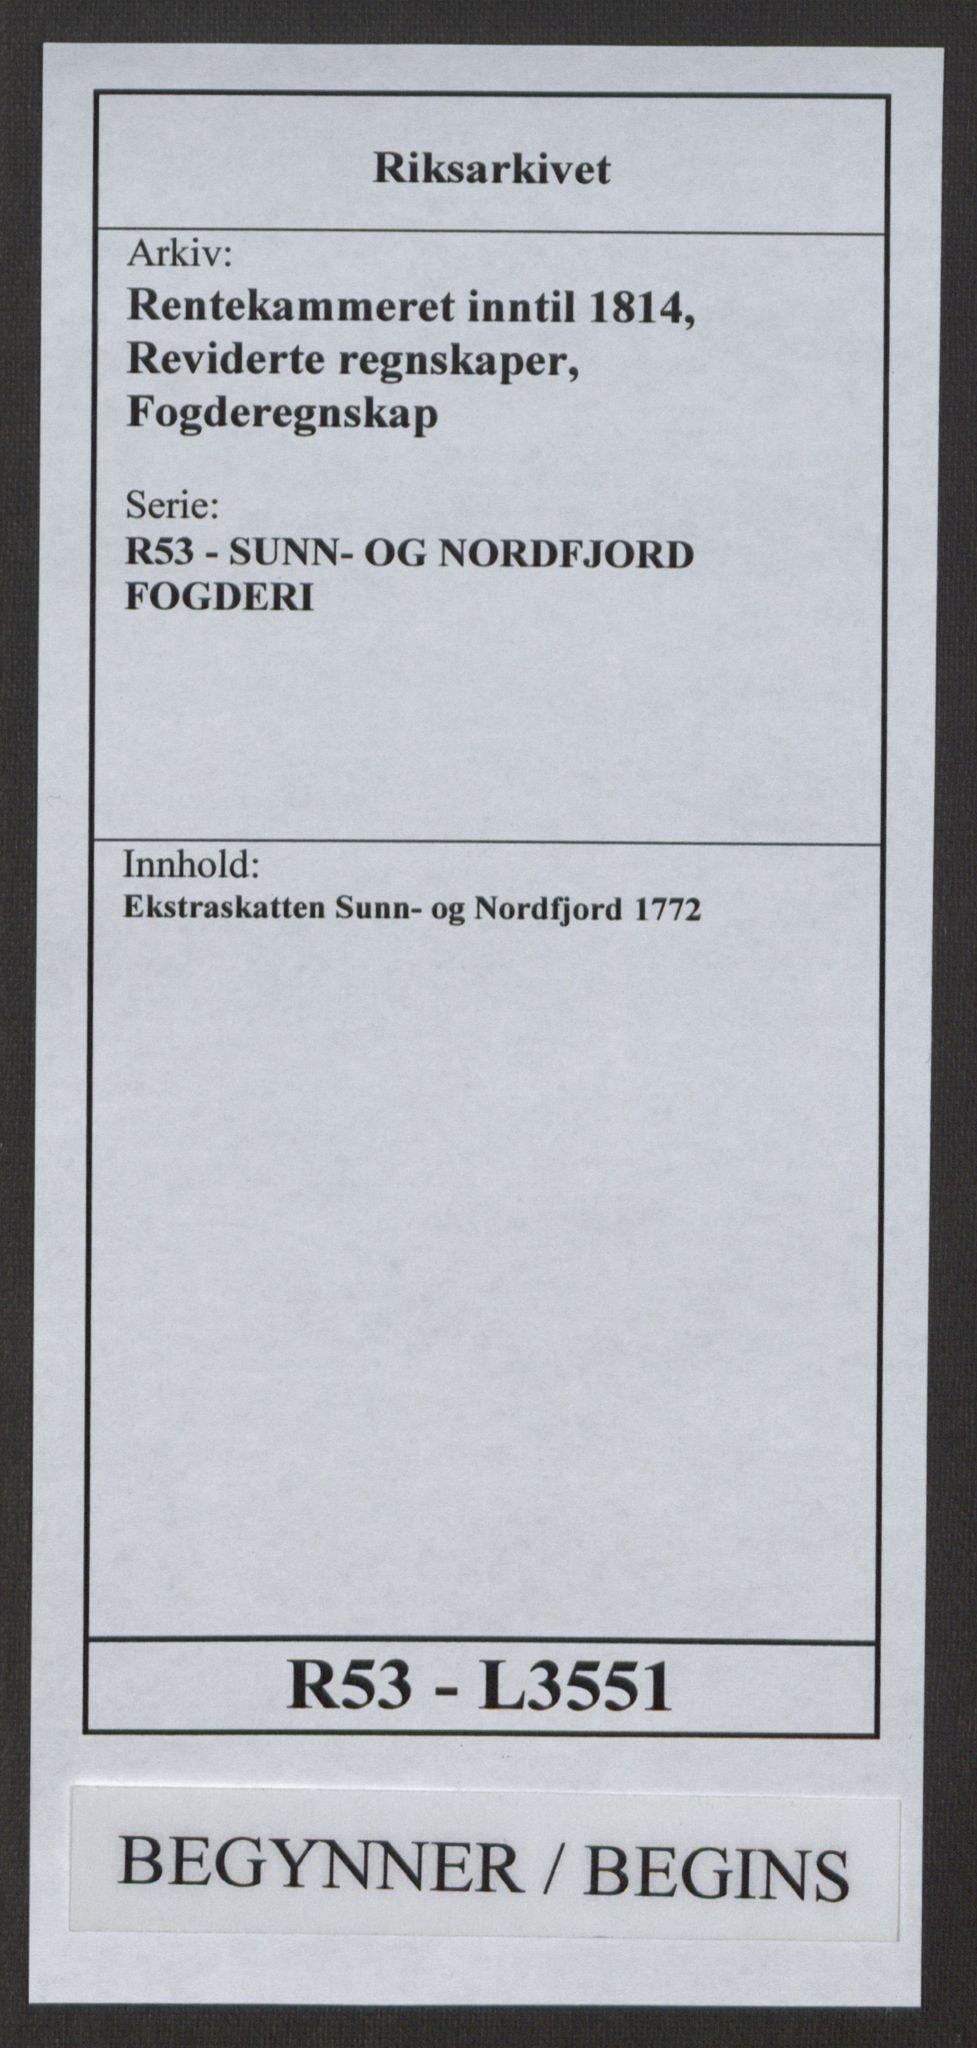 RA, Rentekammeret inntil 1814, Reviderte regnskaper, Fogderegnskap, R53/L3551: Ekstraskatten Sunn- og Nordfjord, 1772, s. 1